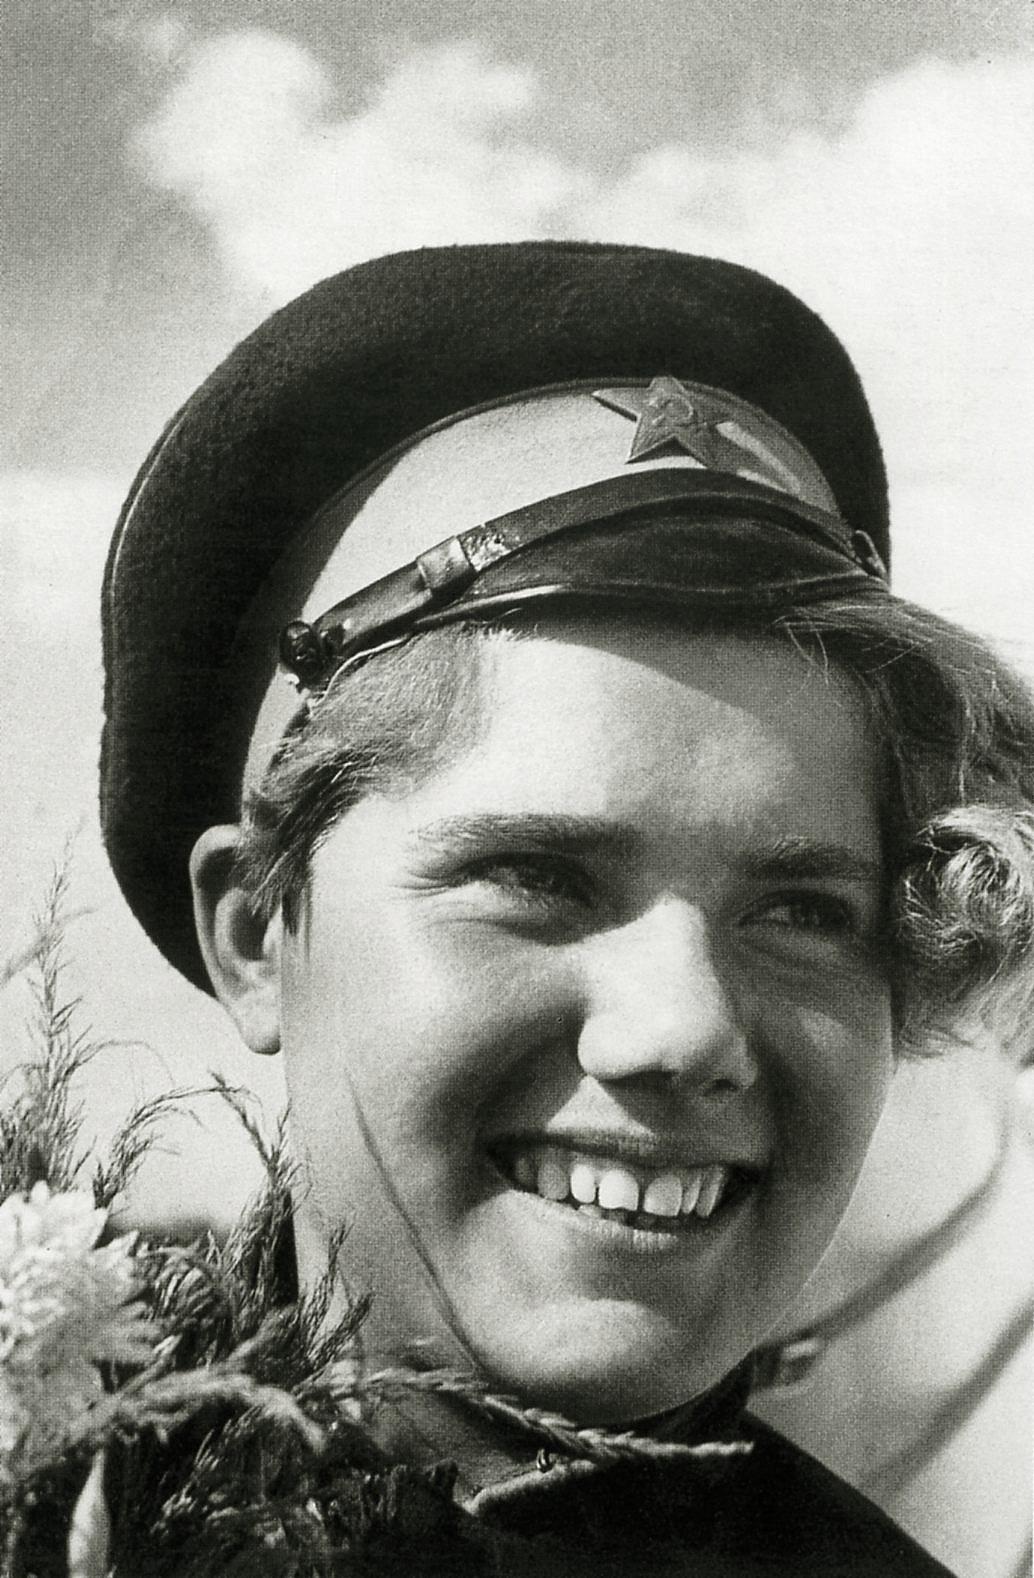 фотографии Бориса Игнатовича военного периода